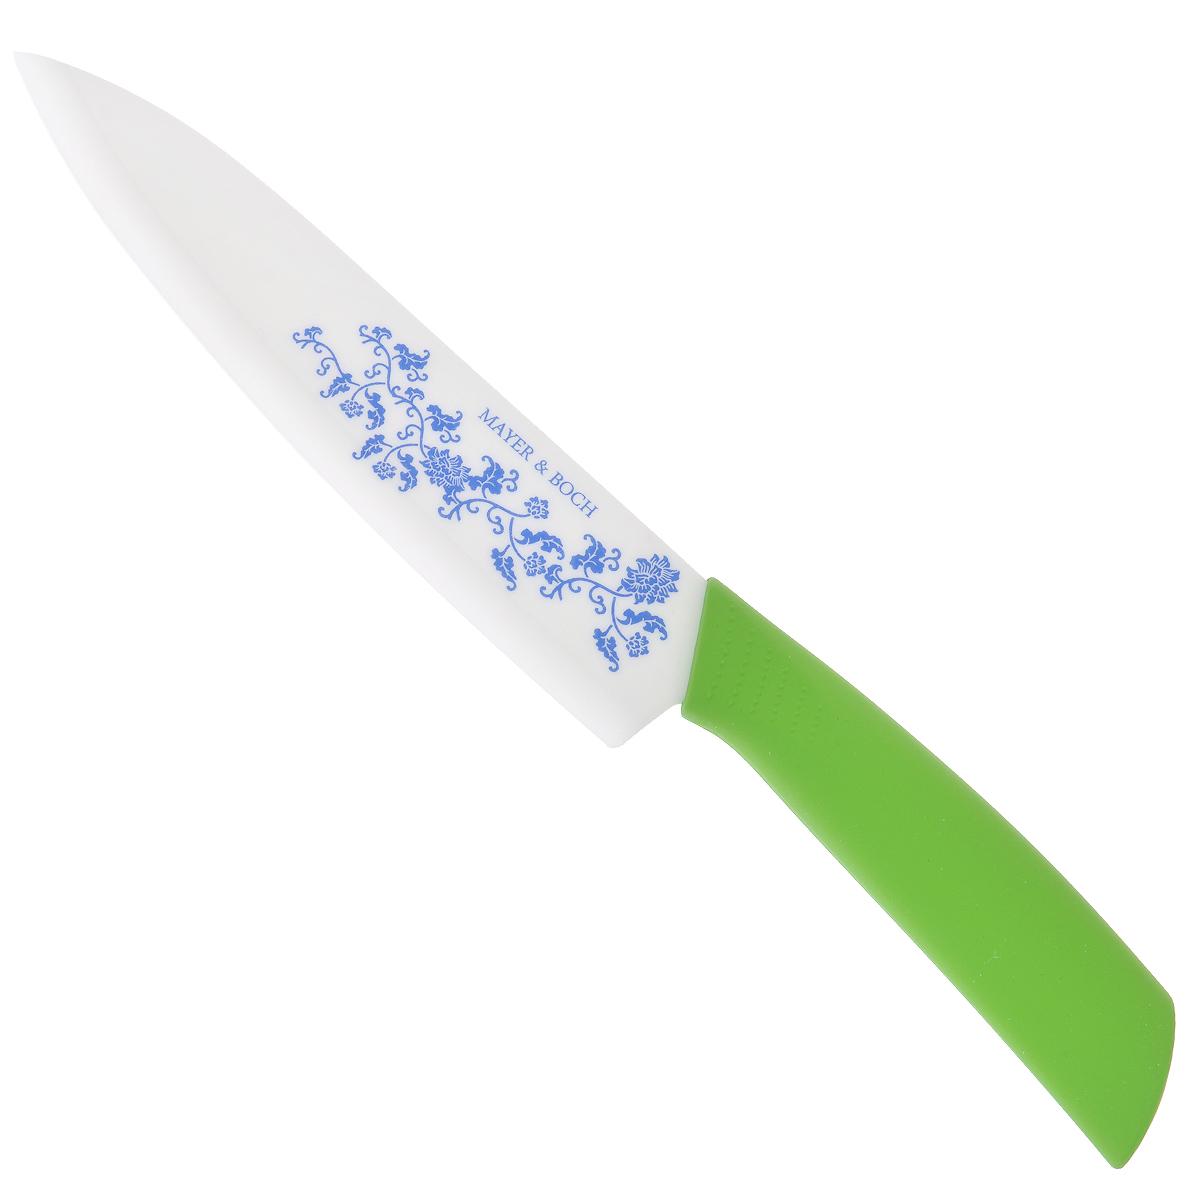 Нож универсальный Mayer & Boch, керамический, цвет: салатовый, длина лезвия 17 см. 2183521835белый/салатовыйНож Mayer & Boch изготовлен из высококачественной циркониевой керамики - гигиеничного, экологически чистого материала. Нож имеет острое лезвие, не требующее дополнительной заточки, декорированное оригинальным цветочным рисунком. Эргономичная рукоятка выполнена из высококачественного силикона. Рукоятка не скользит в руках и делает резку удобной и безопасной. Такой нож желательно использовать для нарезки овощей, фруктов, рыбы и мяса без костей.Керамика - это отличная альтернатива металлу. В отличие от стальных ножей, керамические ножи не переносят ионы металла в пищу, не разрушаются от кислот овощей и фруктов и никогда не заржавеют. Этот нож будет служить вам многие годы при соблюдении простых правил.Общая длина ножа: 30 см.